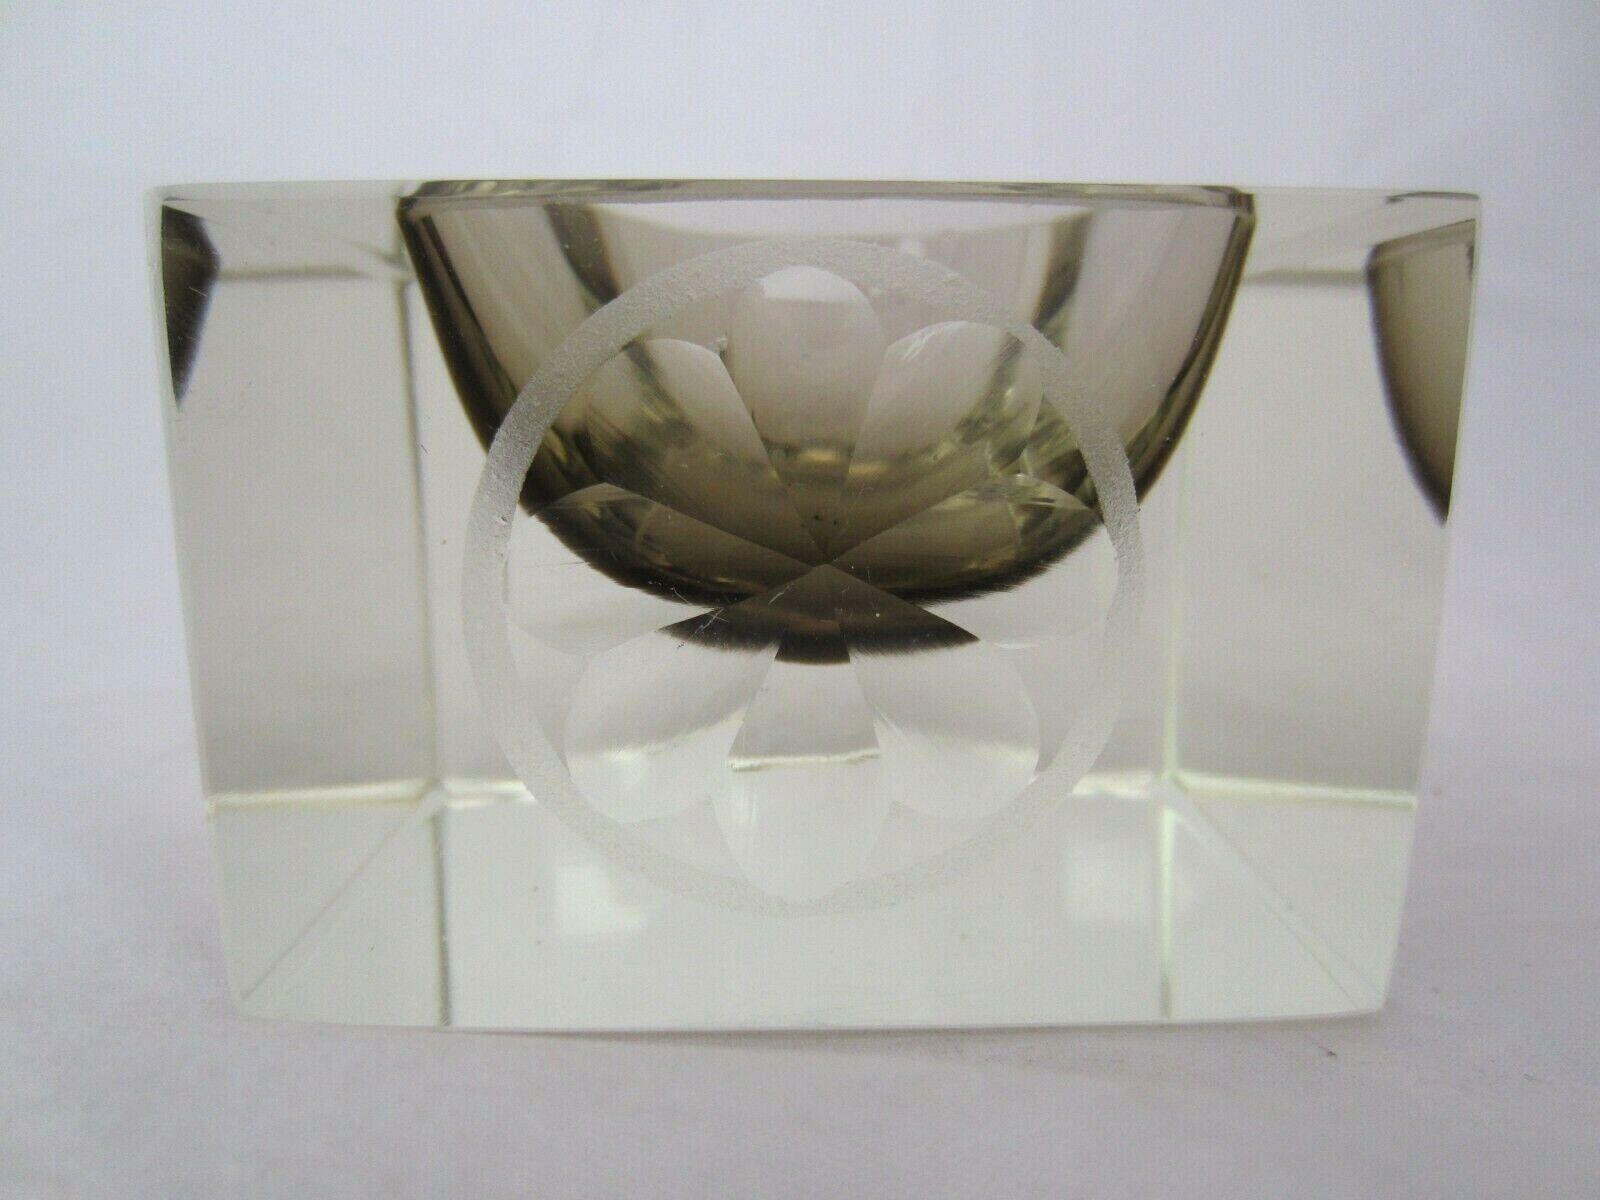 Vintage tazón de fuente de cristal Murano mandruzzato italiana Deportes  trofeo look futurista  nueva marca